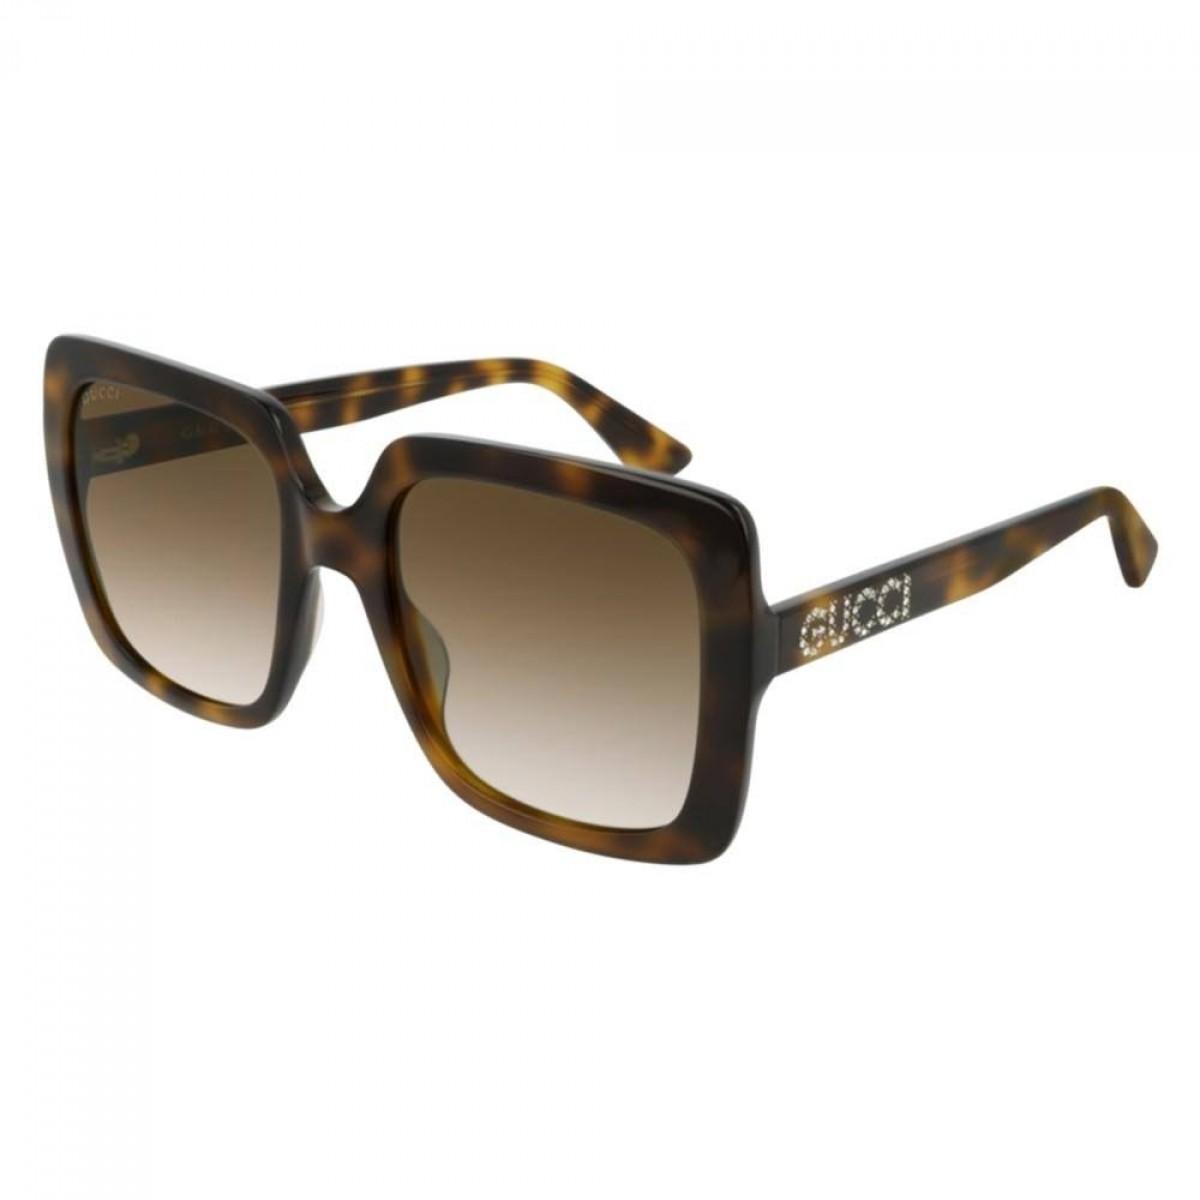 Gucci GG0418S 003 havana-brown 54, 214,00€, Occhiali Gucci Marrone a forma Squadrato